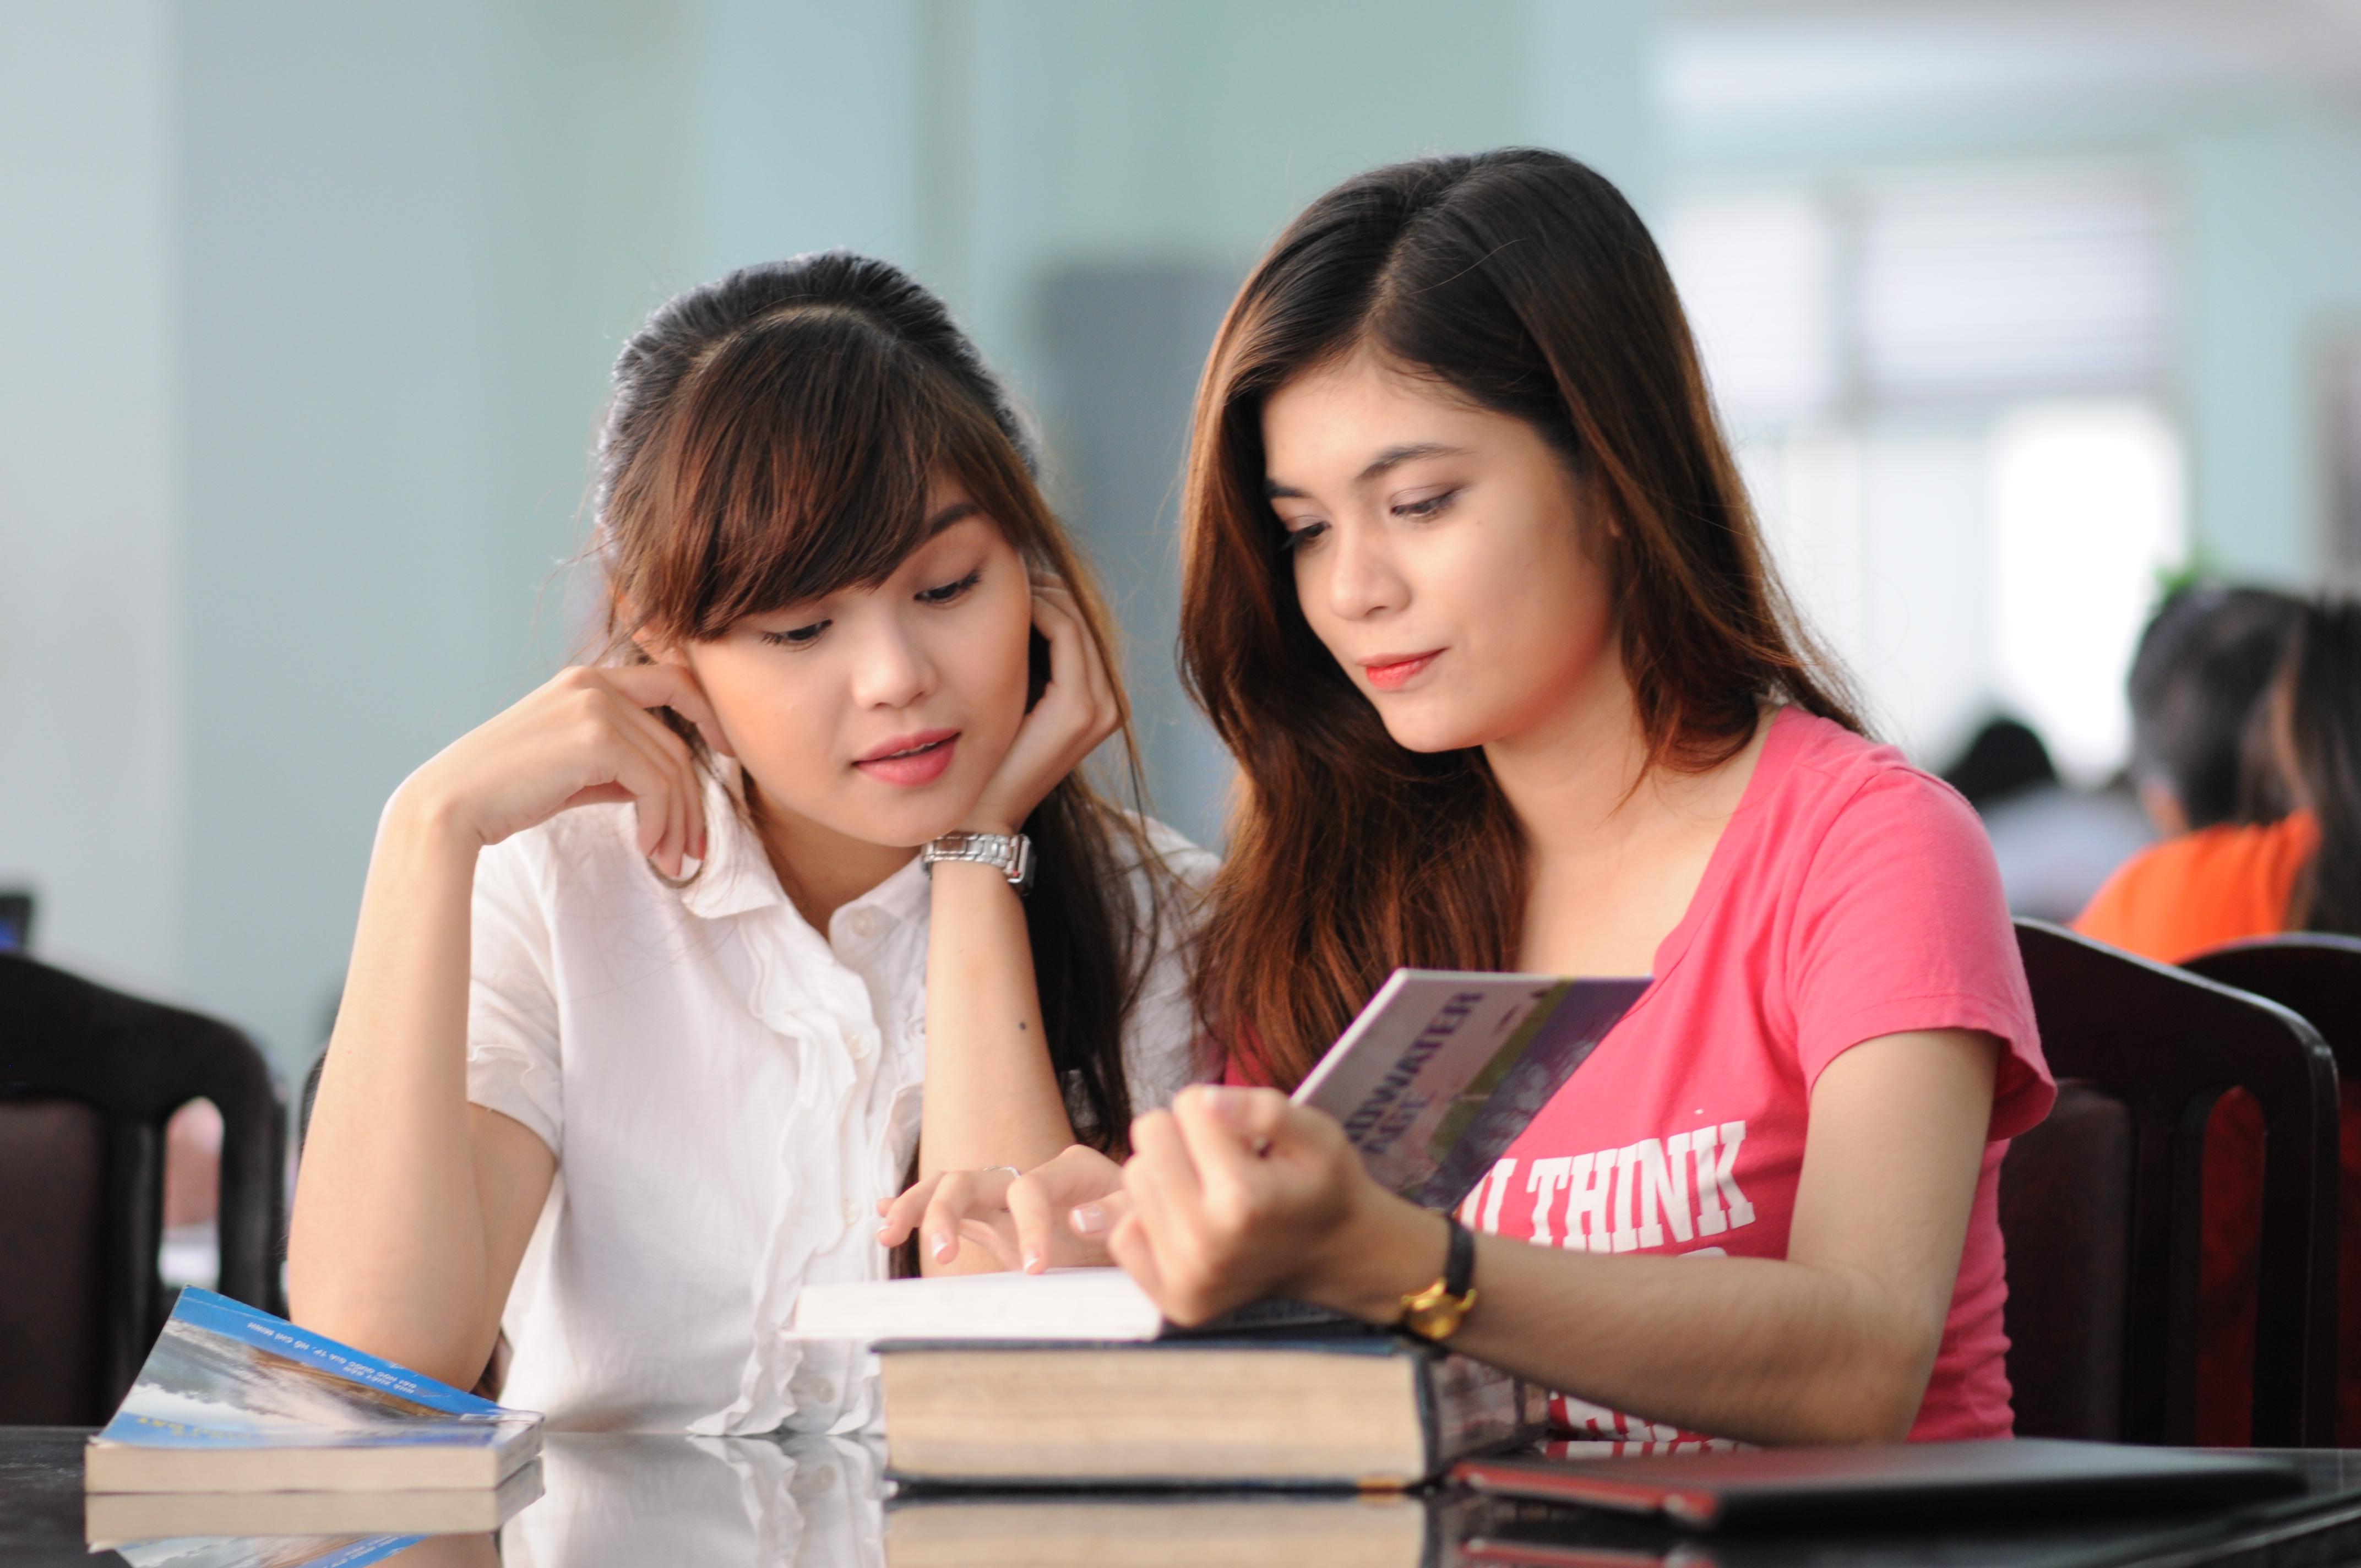 Du học ở Nhật Bản có gì khác biệt so với các nước phát triển khác? – DG  Nozomi